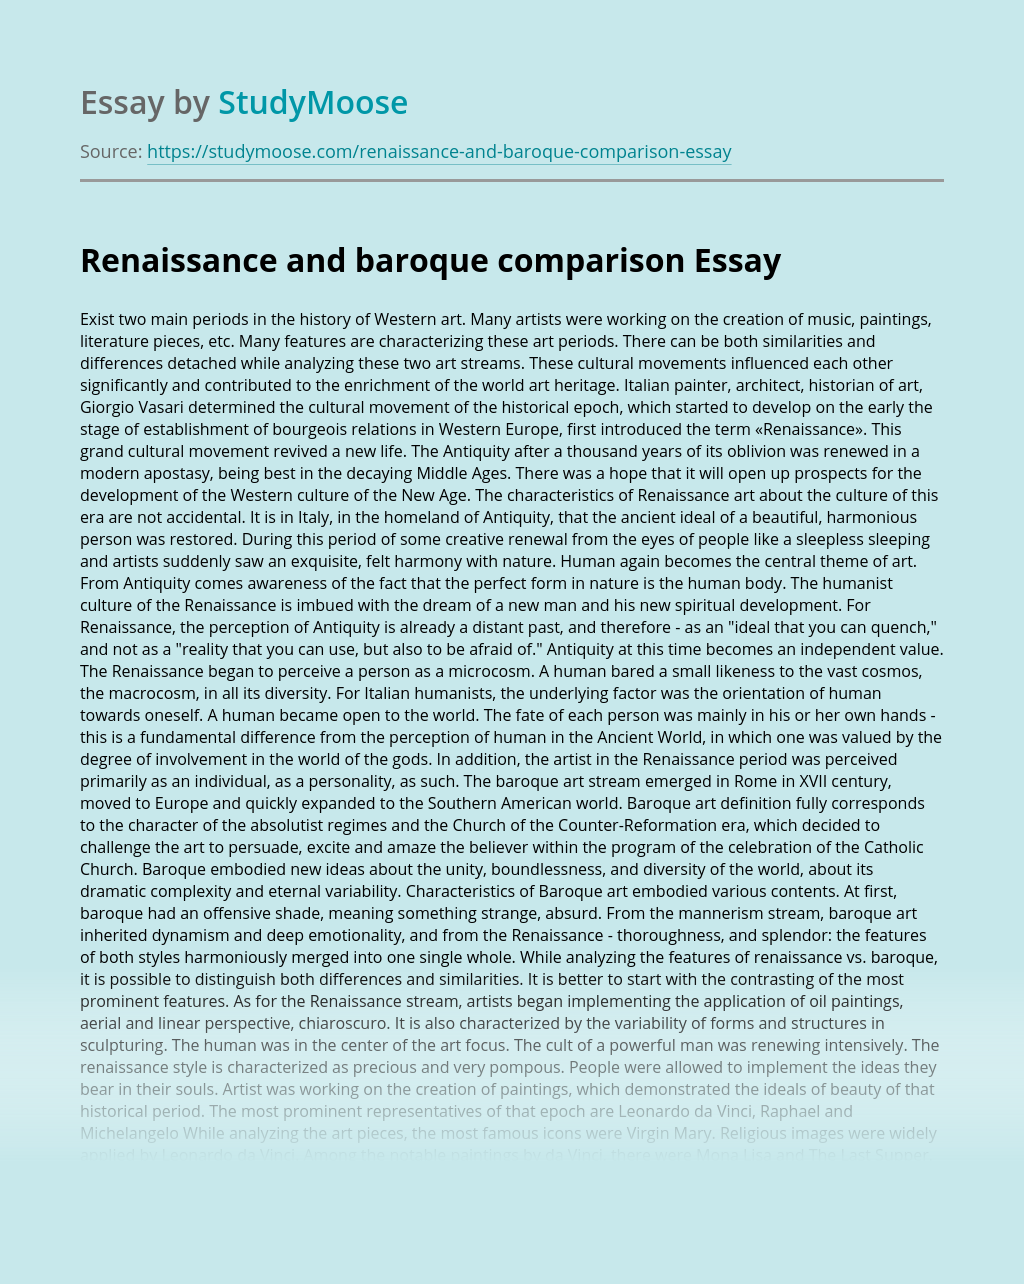 Renaissance and baroque comparison